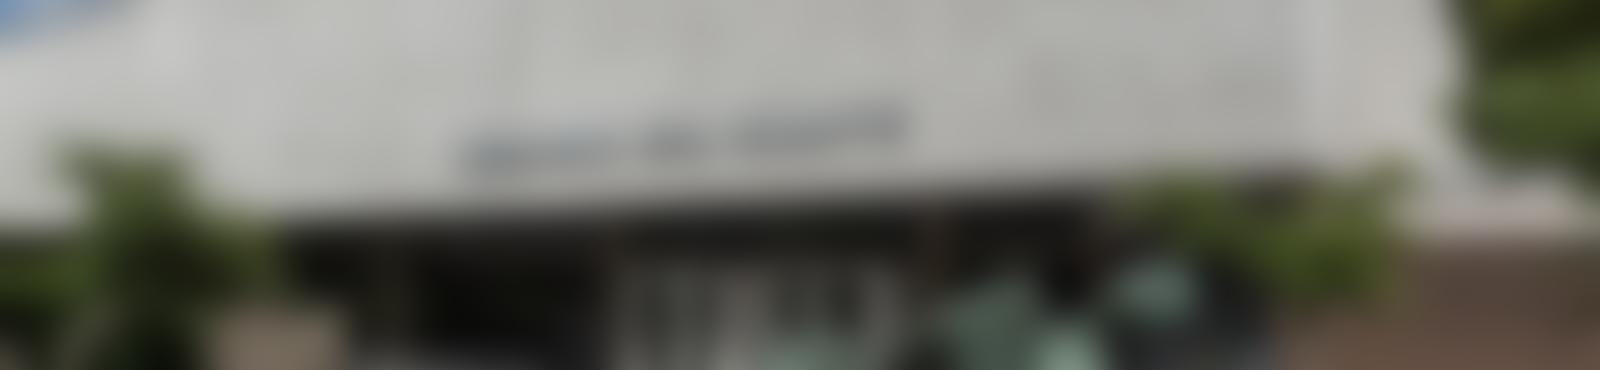 Blurred 722967fc 2cdf 4542 a040 0bd4ea05d9e7